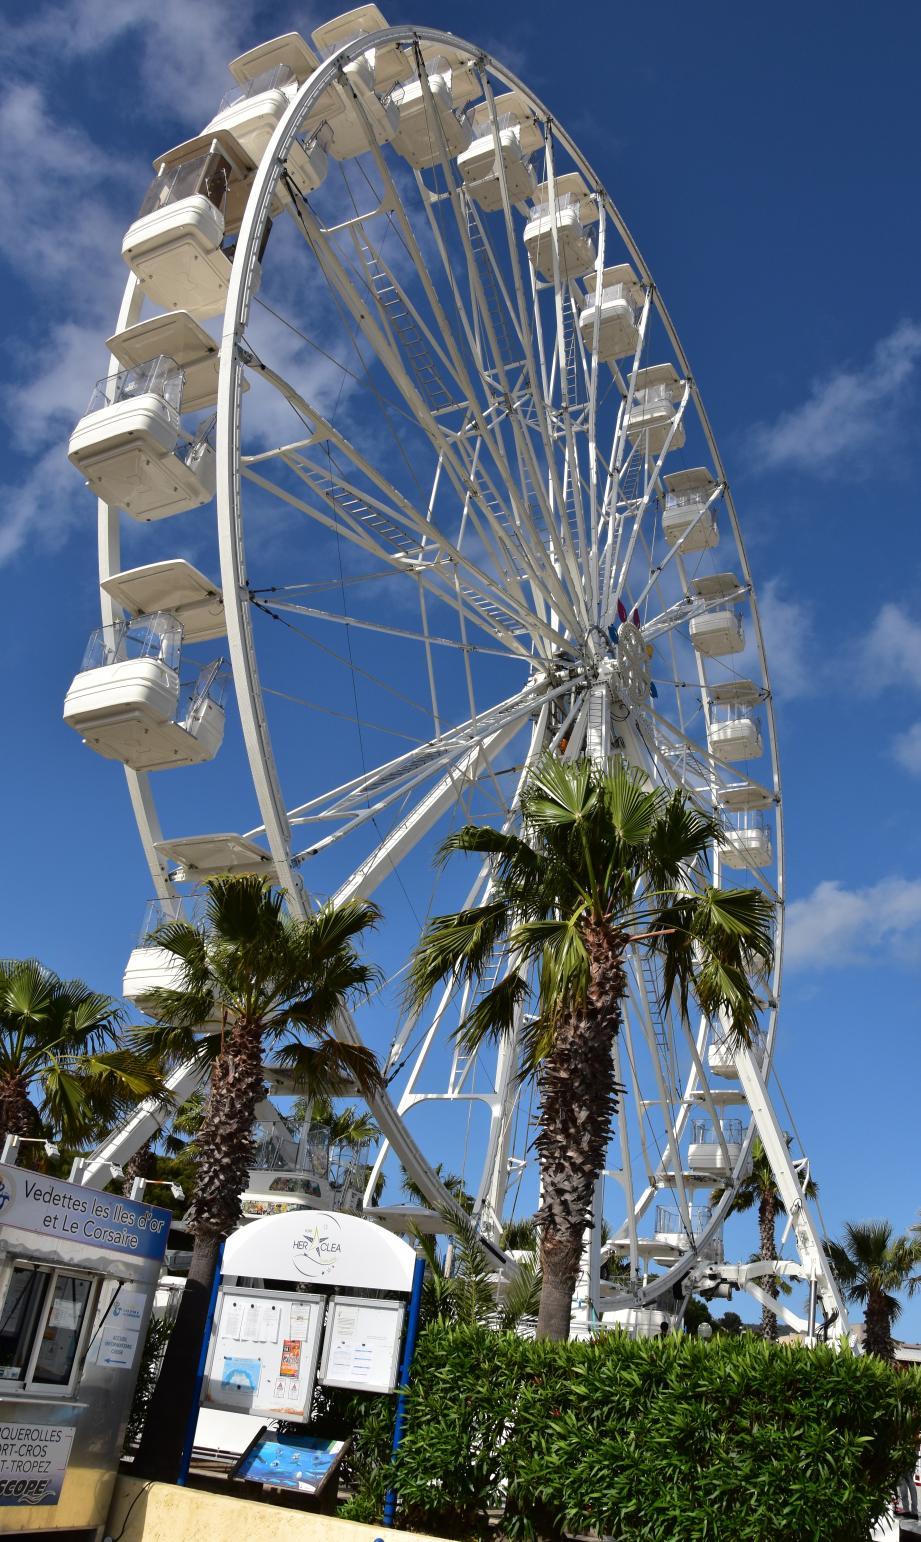 A fête exceptionnelle, manège exceptionnel : une grande roue sur le port !(DR)